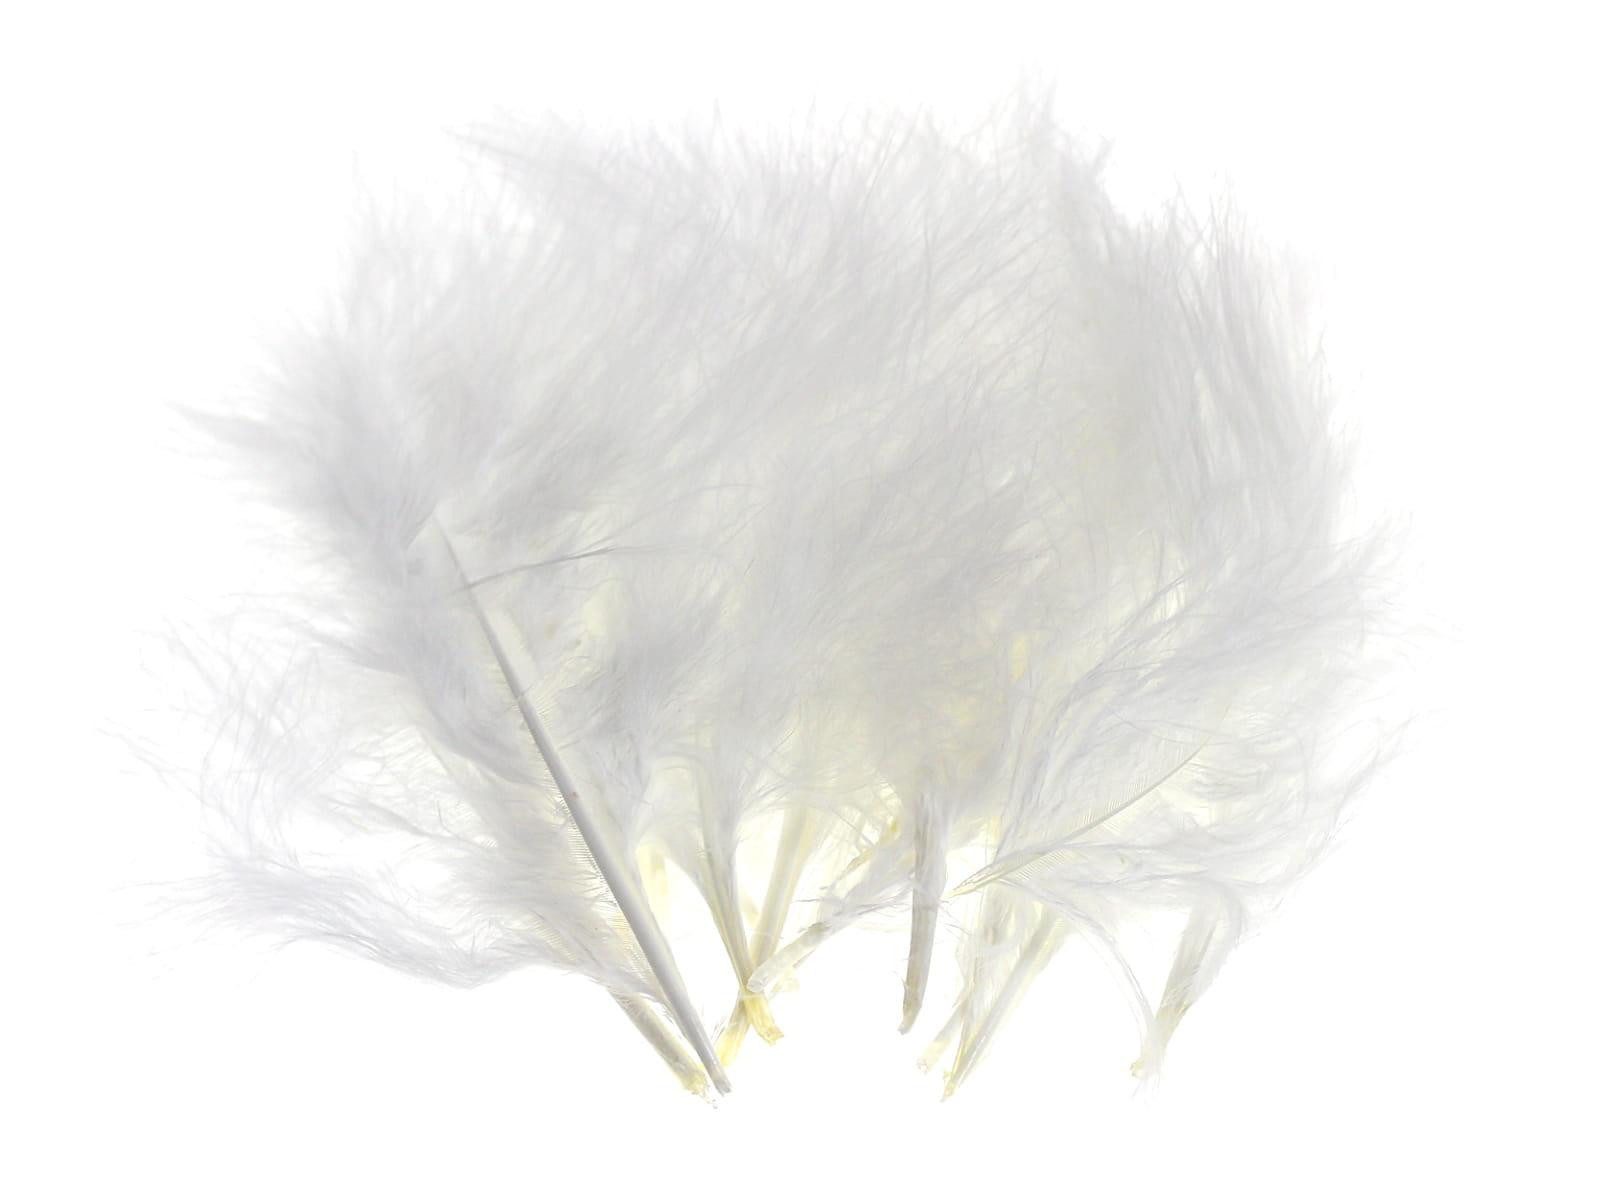 Piórka Dekoracyjne Miękkie Puszyste Białe